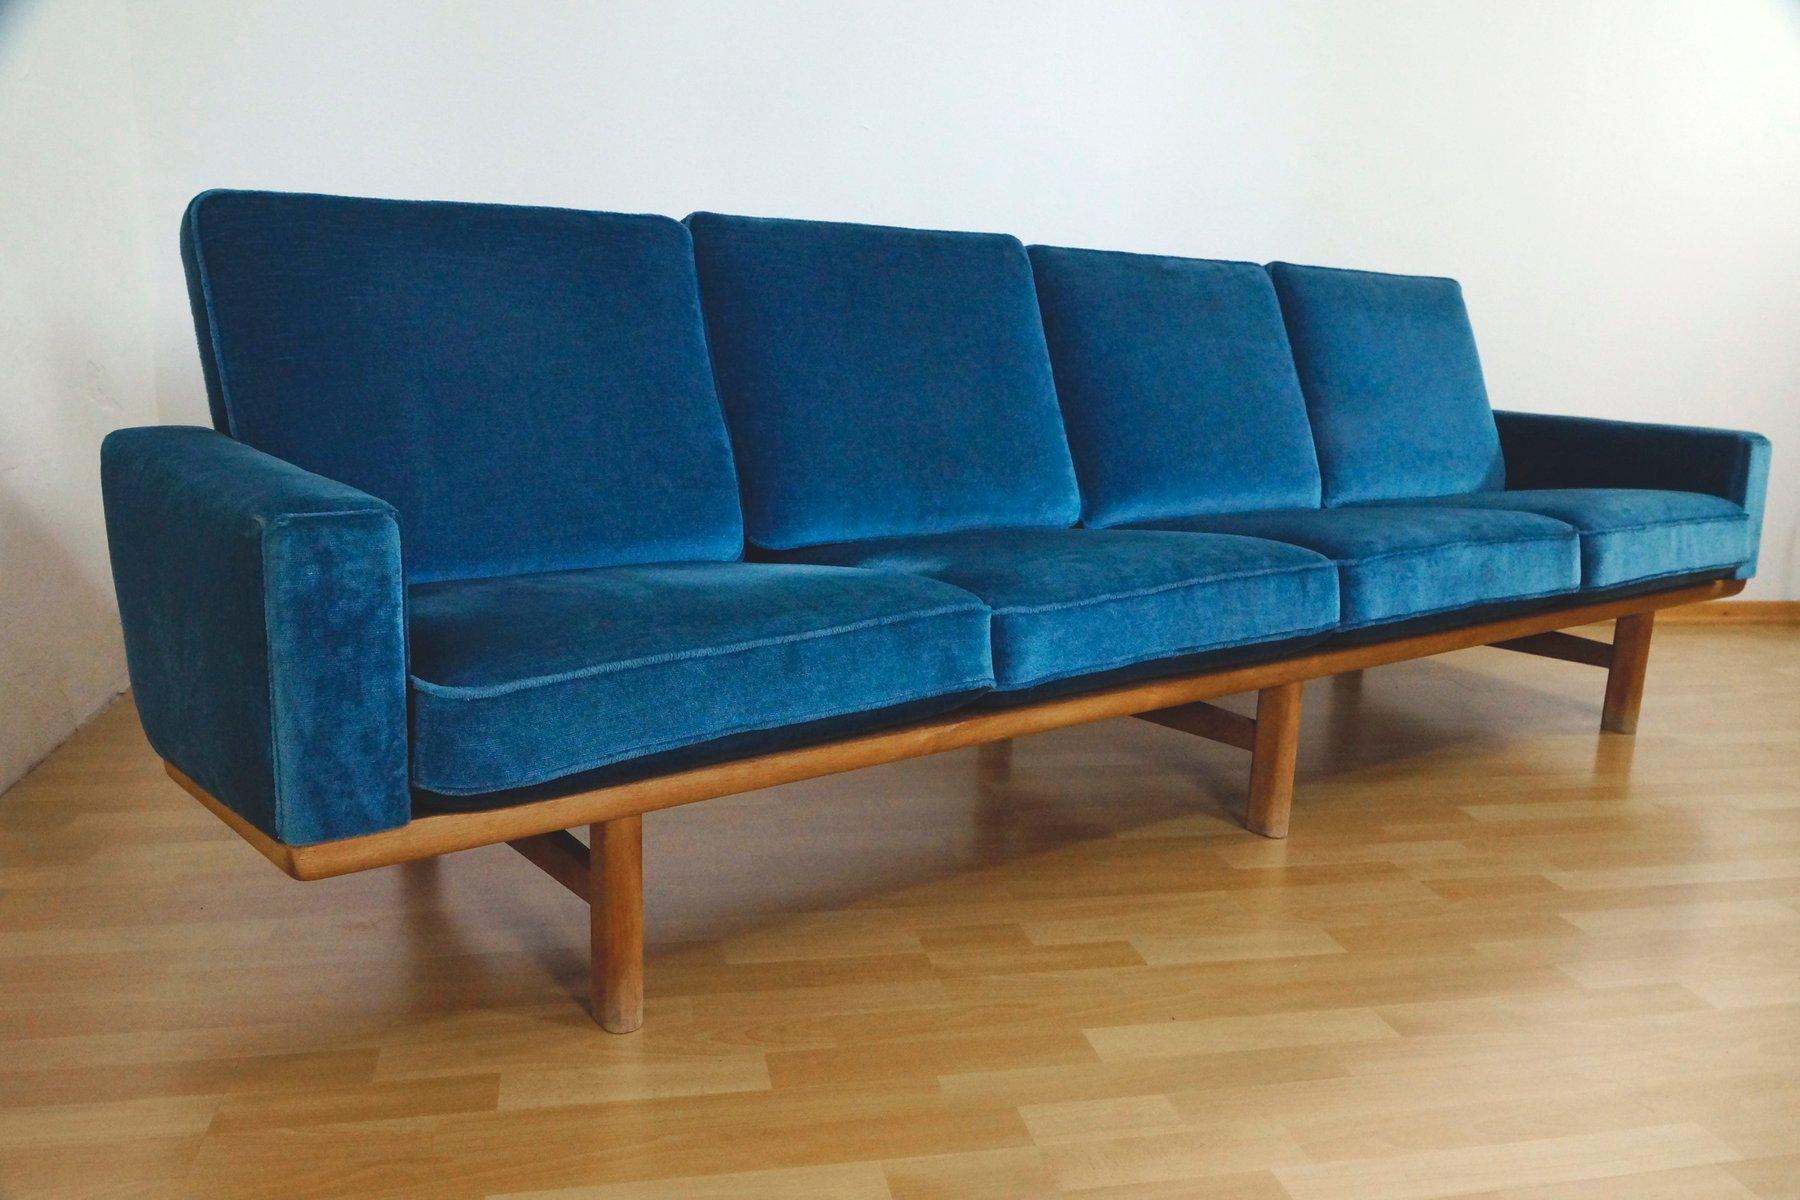 vier sitzer sofa aus eichenholz velours von hans j wegner f r getama 1950er bei pamono kaufen. Black Bedroom Furniture Sets. Home Design Ideas